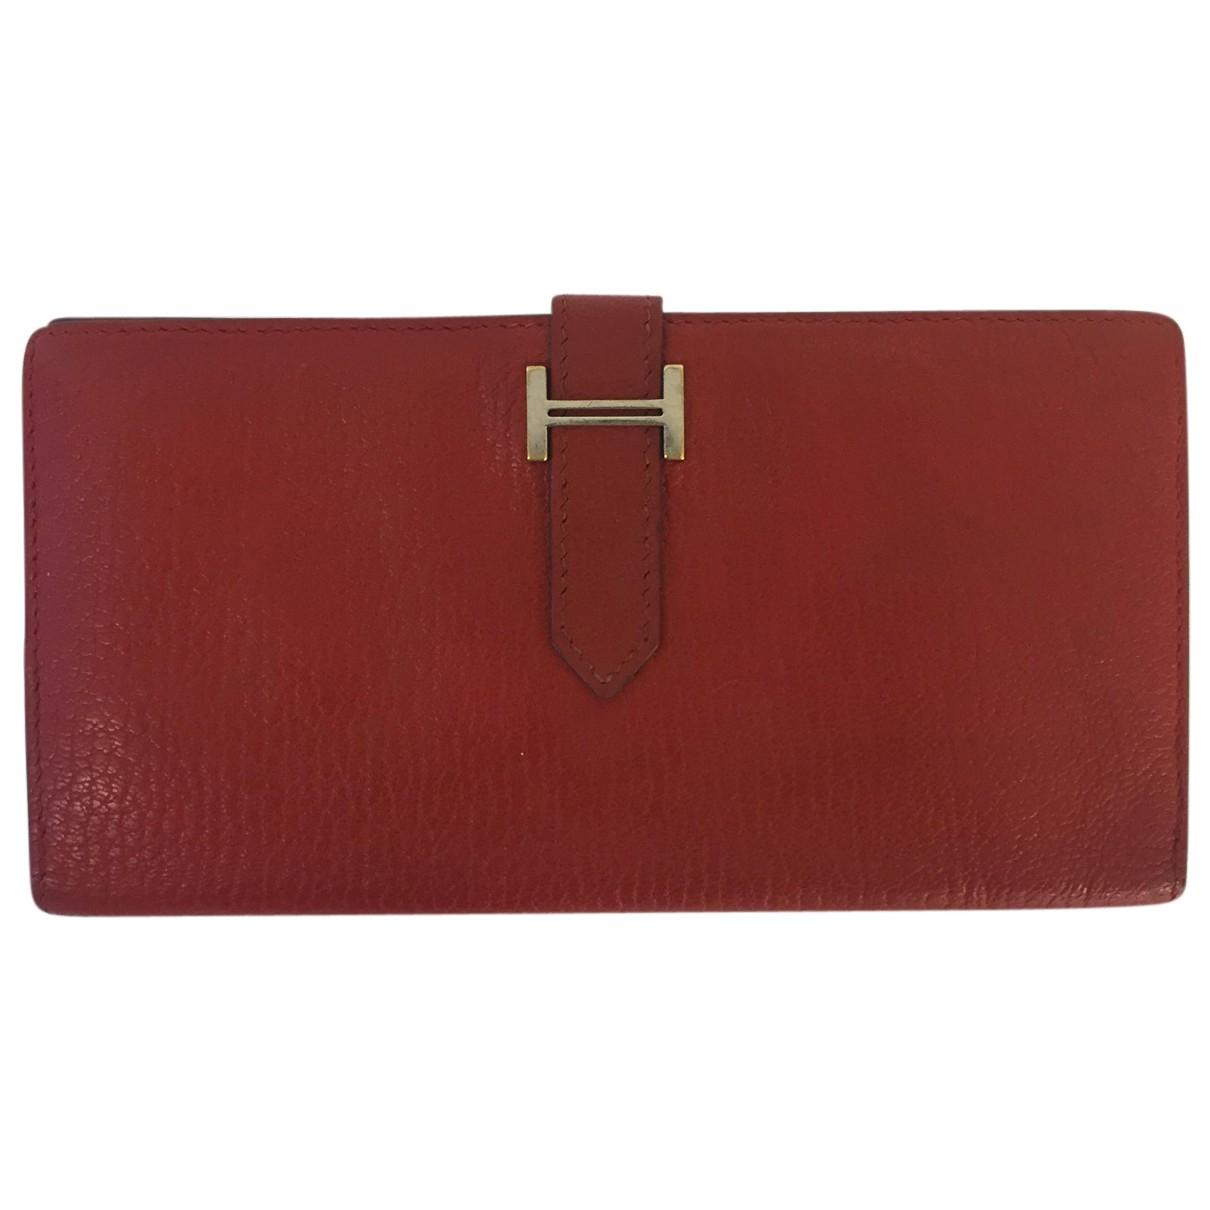 Hermes - Portefeuille Bearn pour femme en cuir - rouge